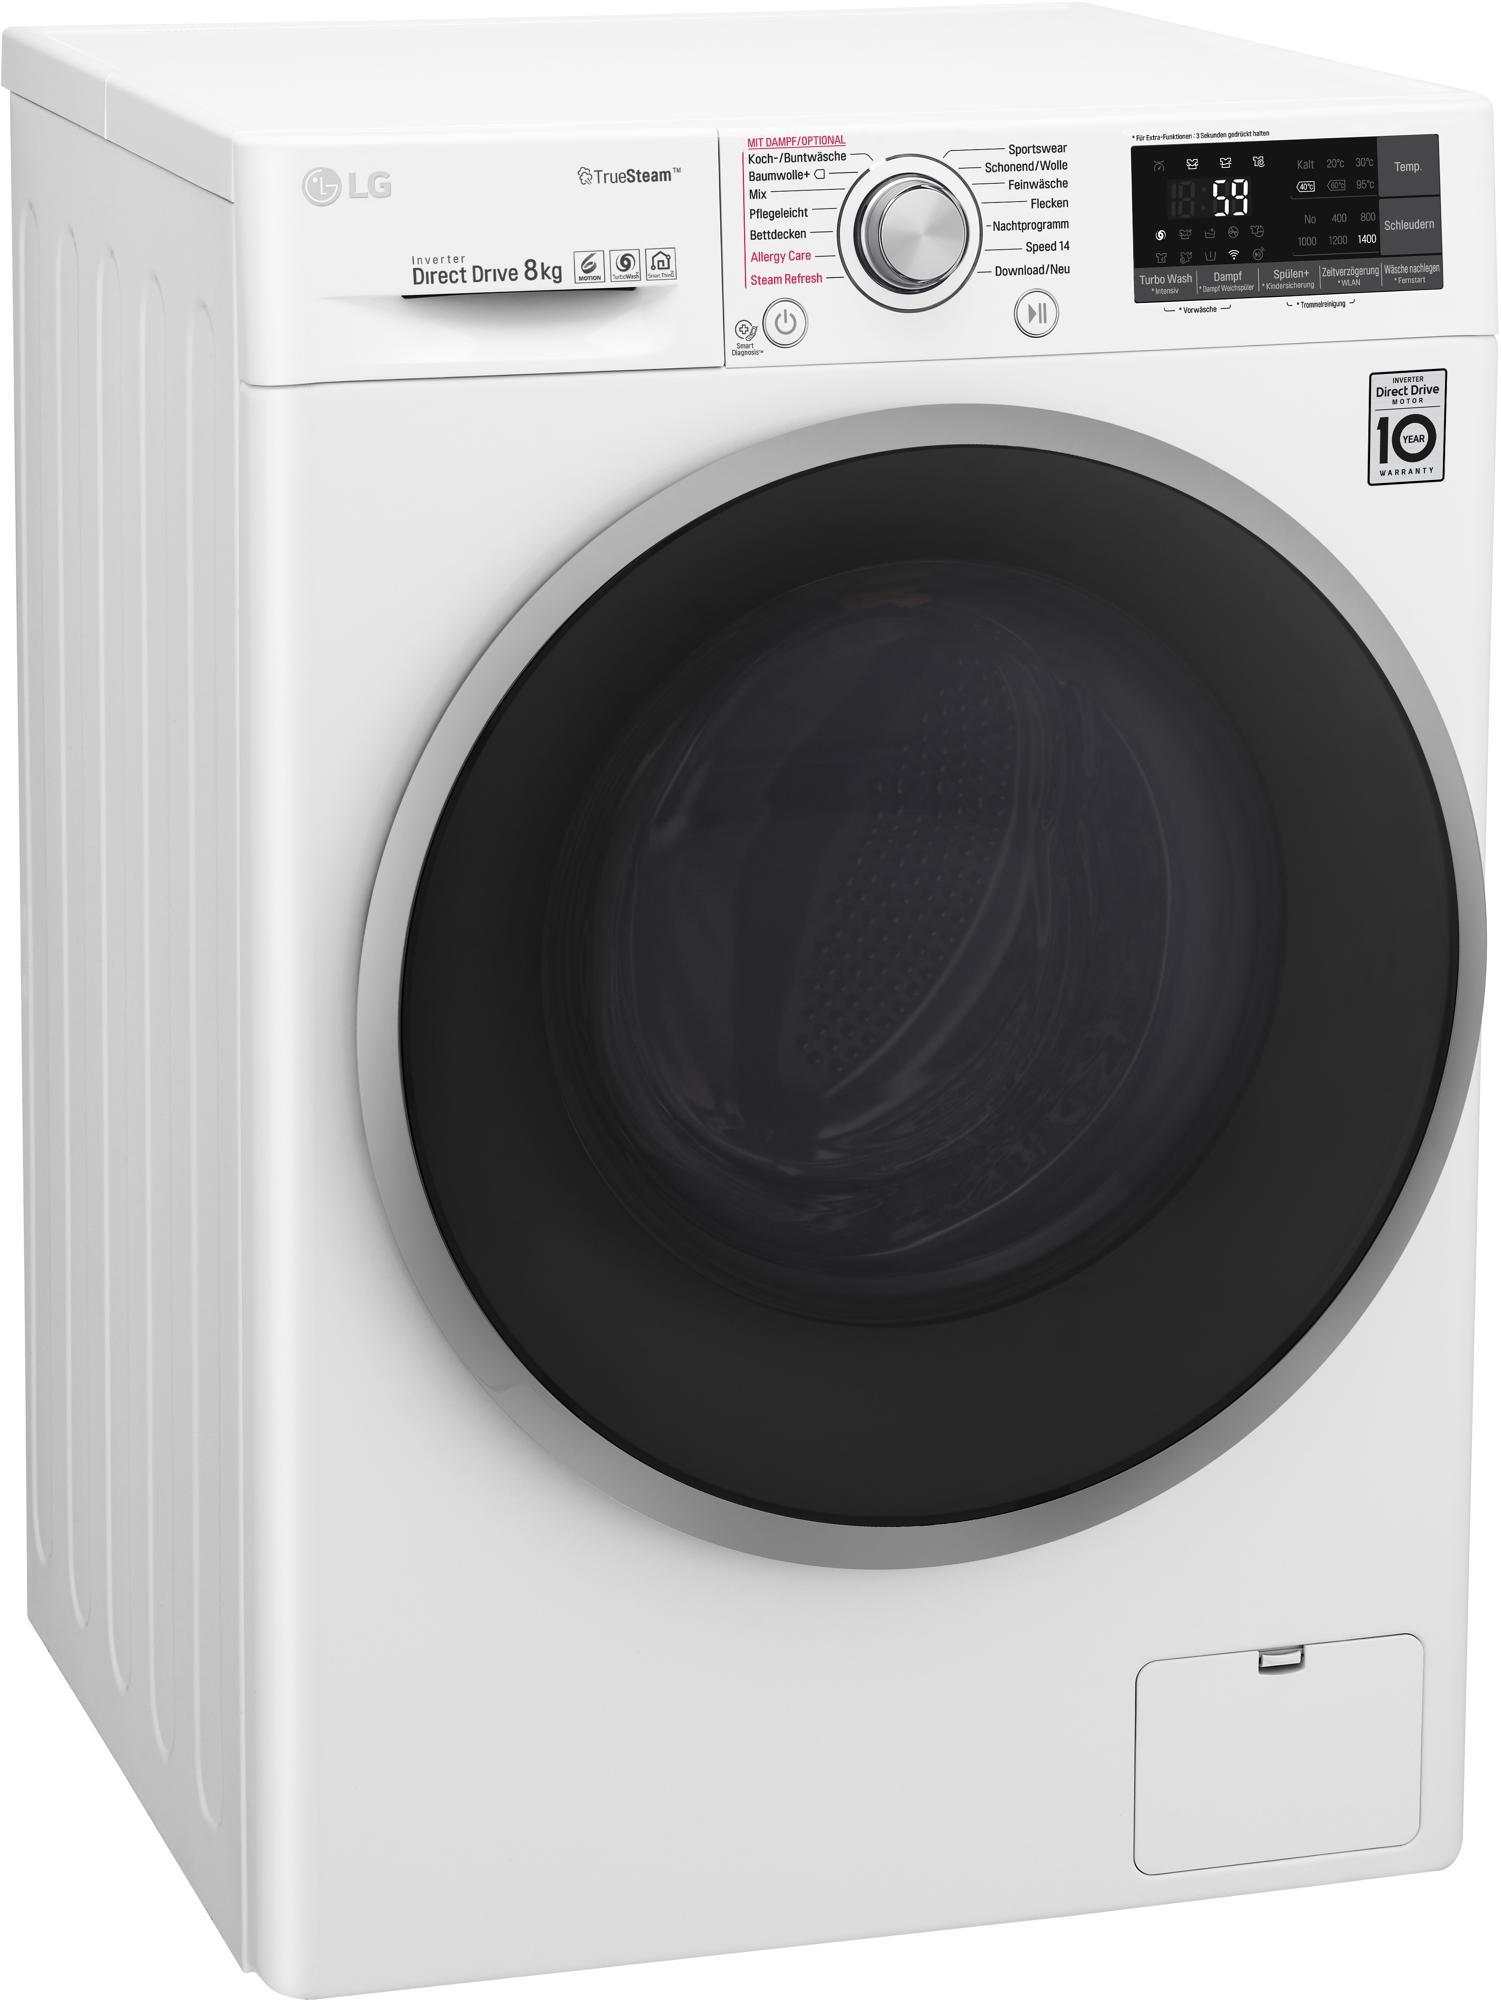 lg f14wm8tt1 8 kg a waschmaschine 1400 u min true steam turbowash von lg gro ger te bei. Black Bedroom Furniture Sets. Home Design Ideas